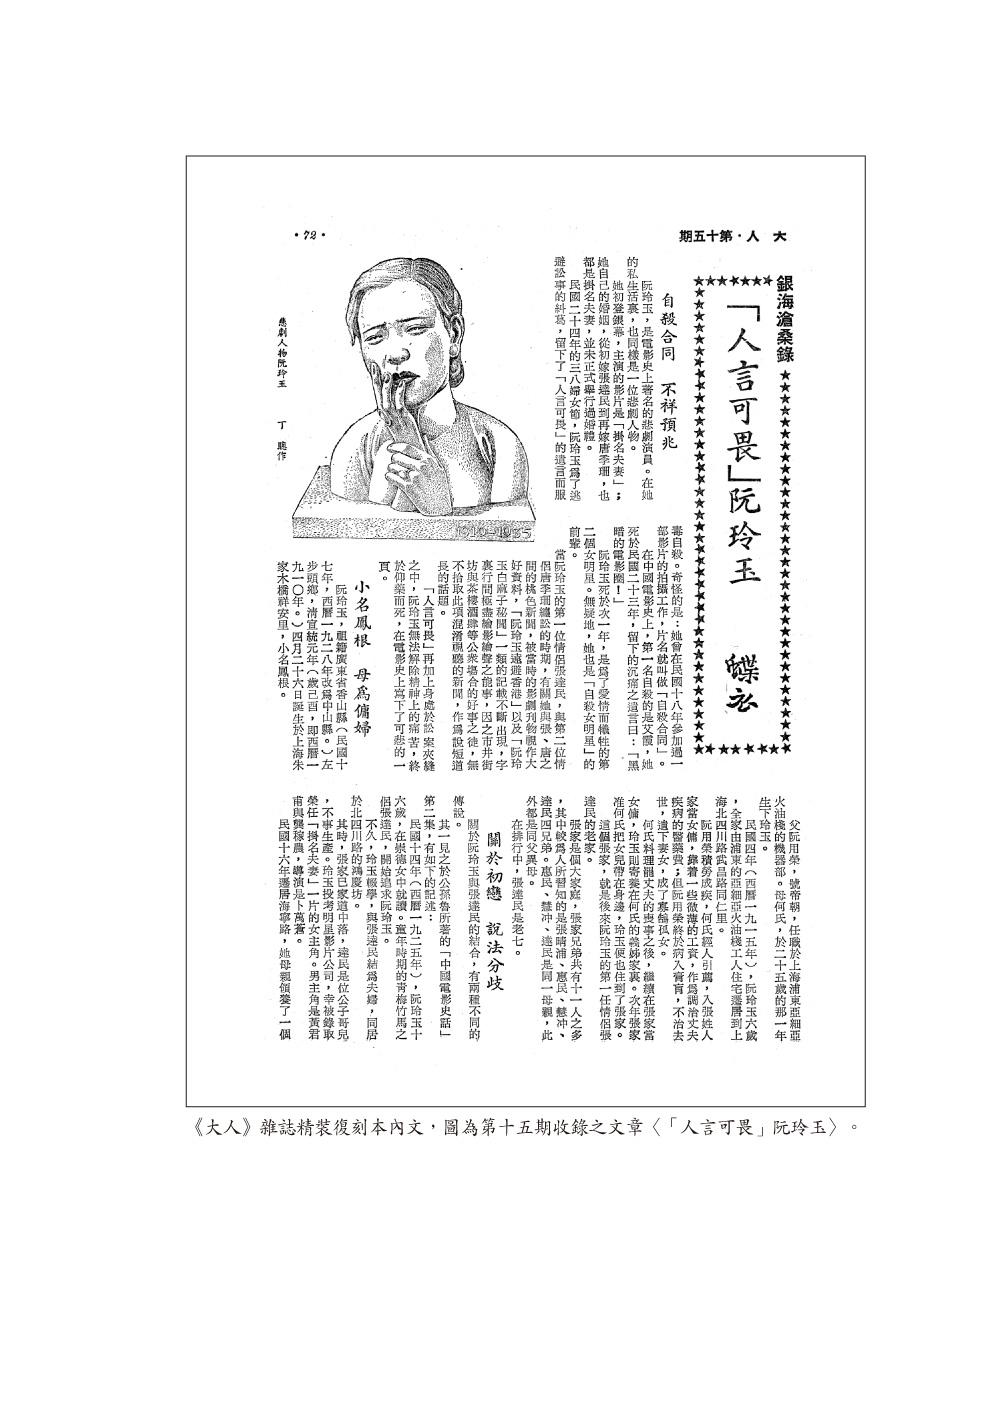 http://im1.book.com.tw/image/getImage?i=http://www.books.com.tw/img/001/076/39/0010763959_b_02.jpg&v=59a7f35f&w=655&h=609